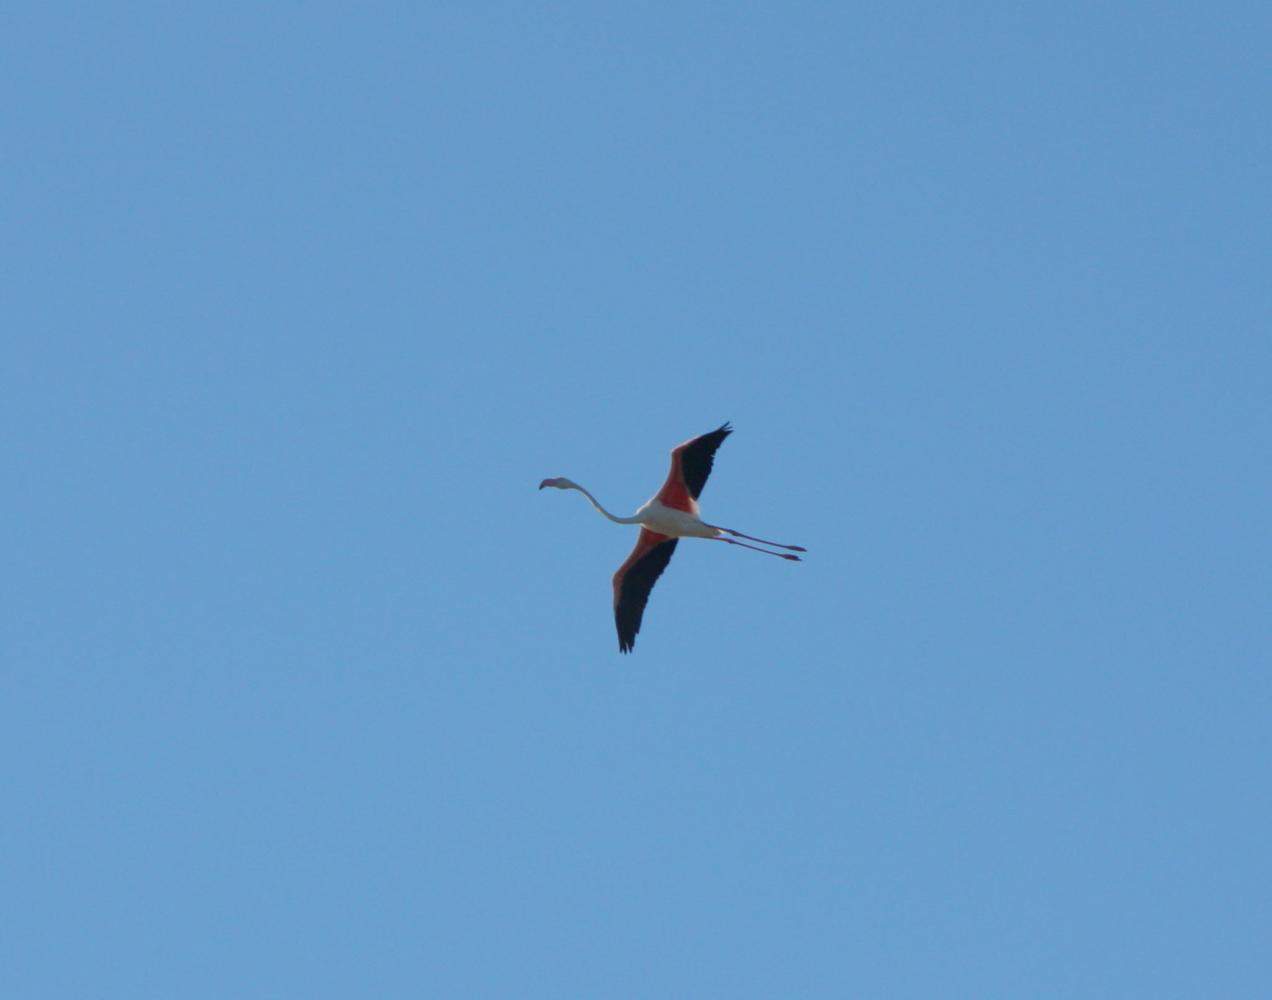 Photographie du vol d'un flamant rose